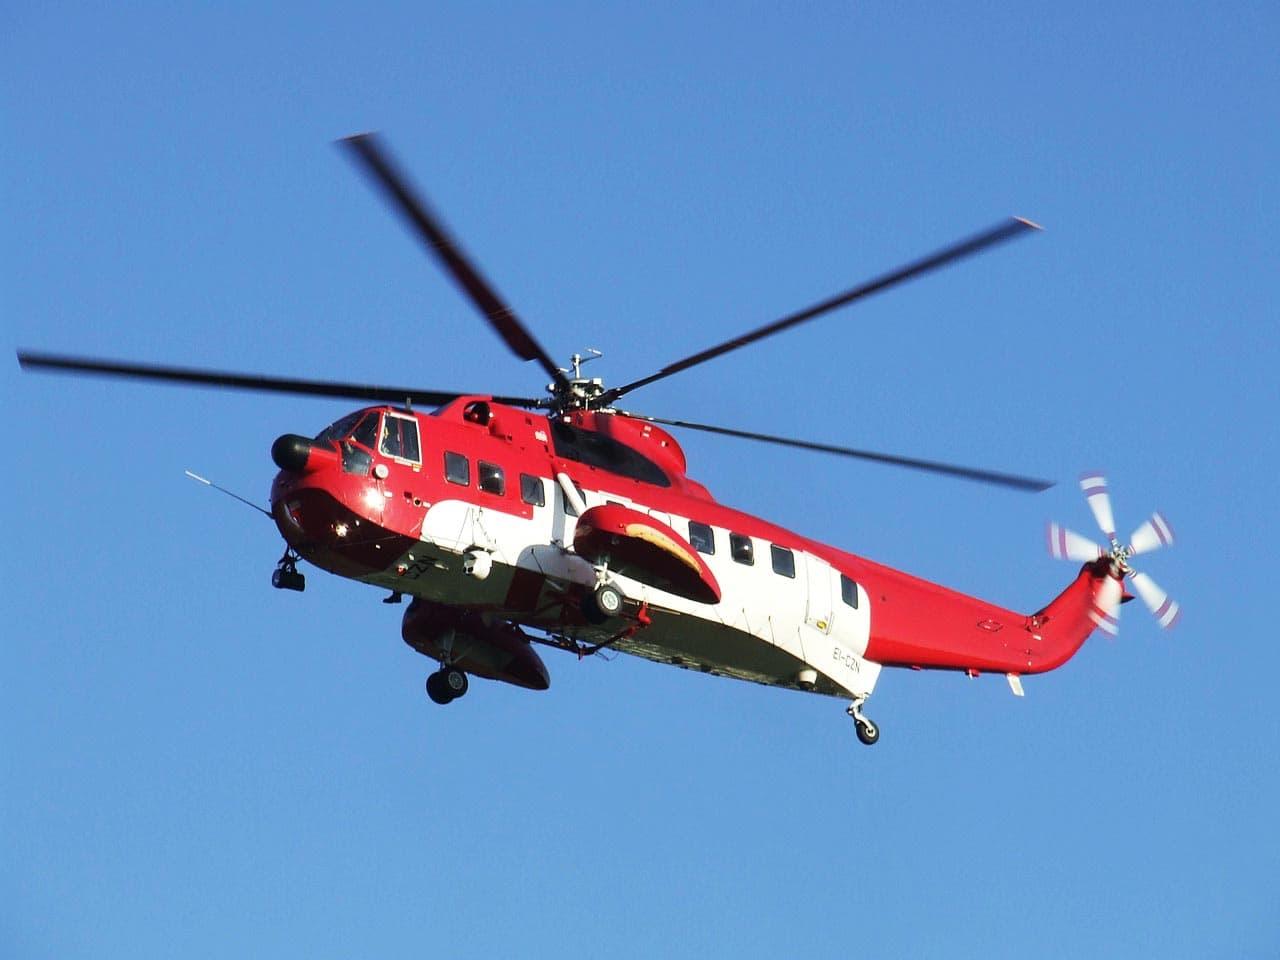 Krankenrücktransport aus dem Ausland Ambulanzhubschrauber rot